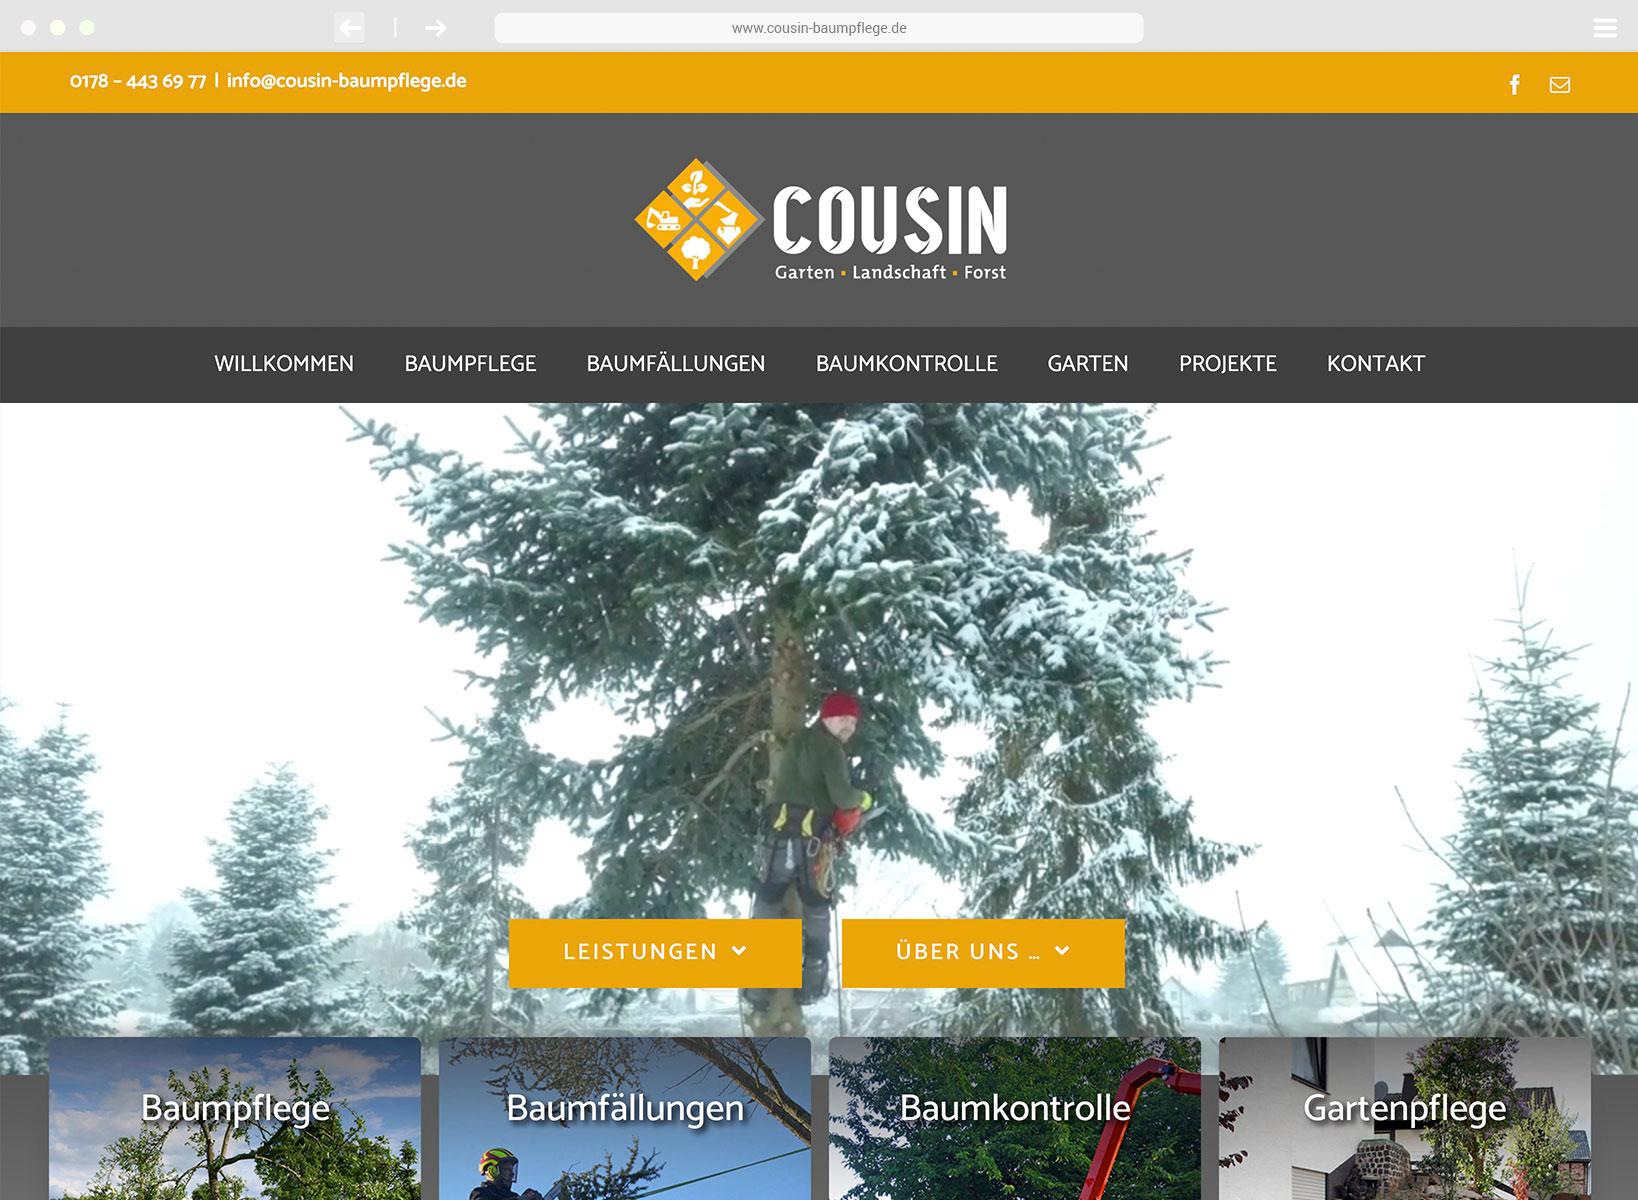 www.cousin-baumpflege.de